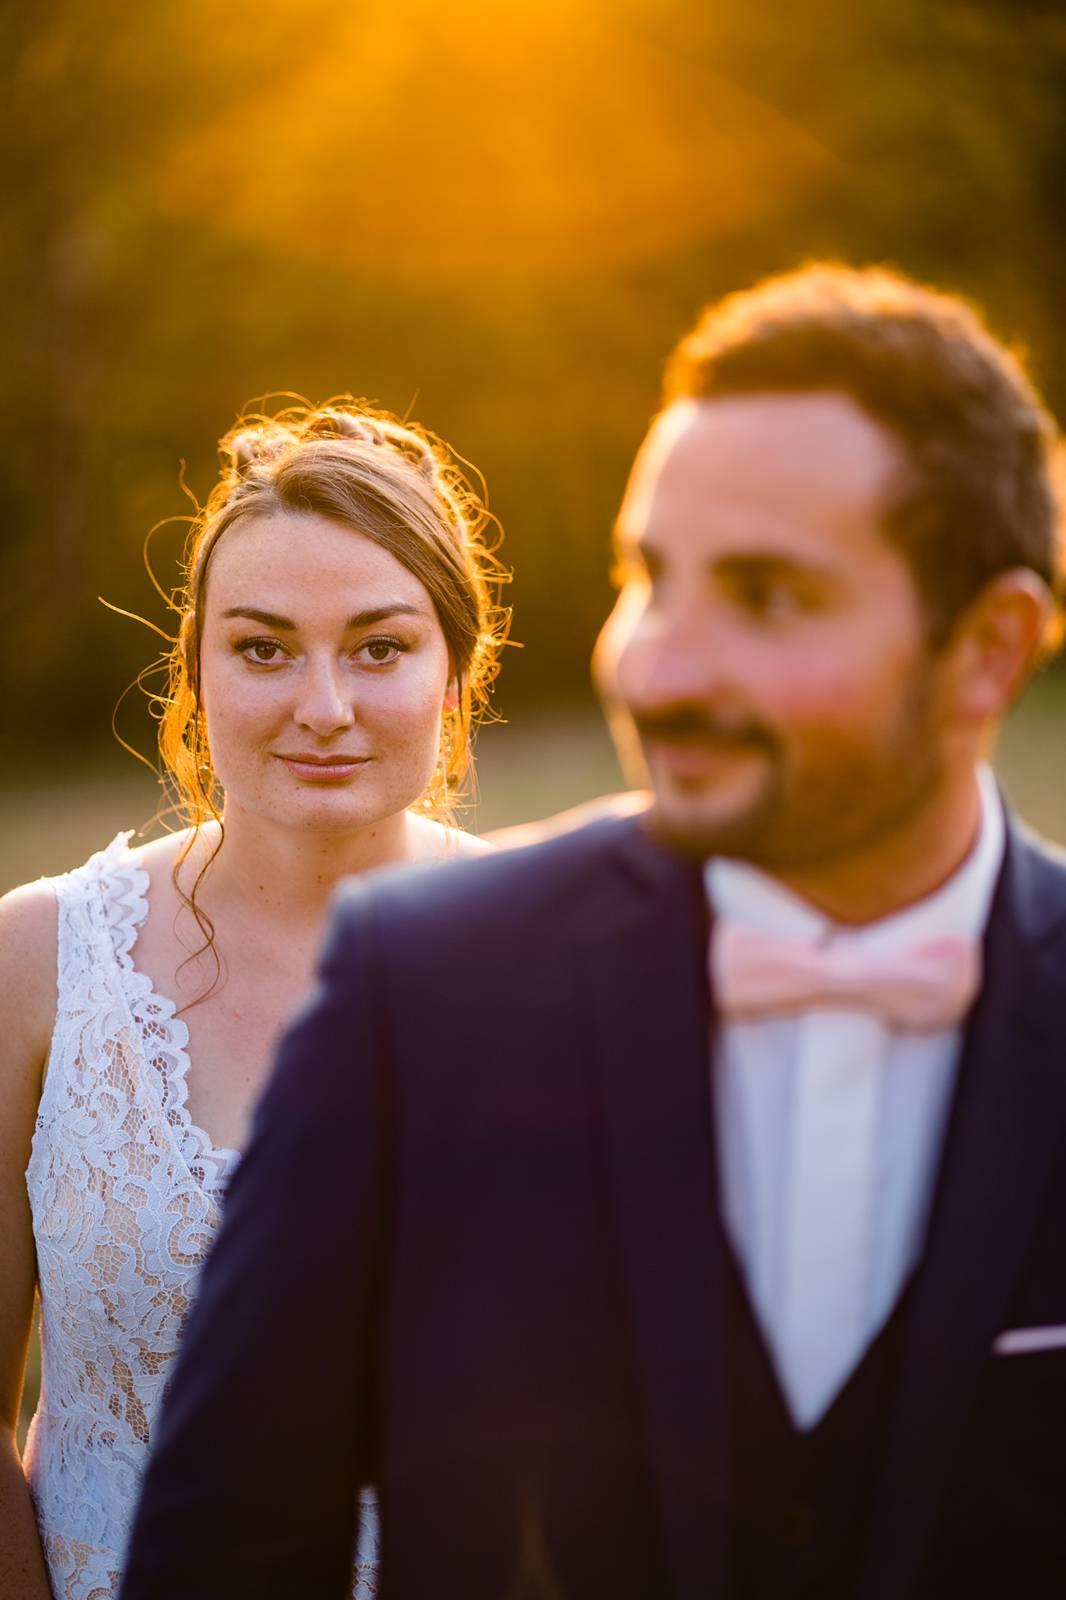 Le teaser du reportage photo de mariage religieux d'Alexiane et Antoine à Castillon-La-Bataille, à l'Eglise Saint-Symphorien, puis au Domaine de Millanges.